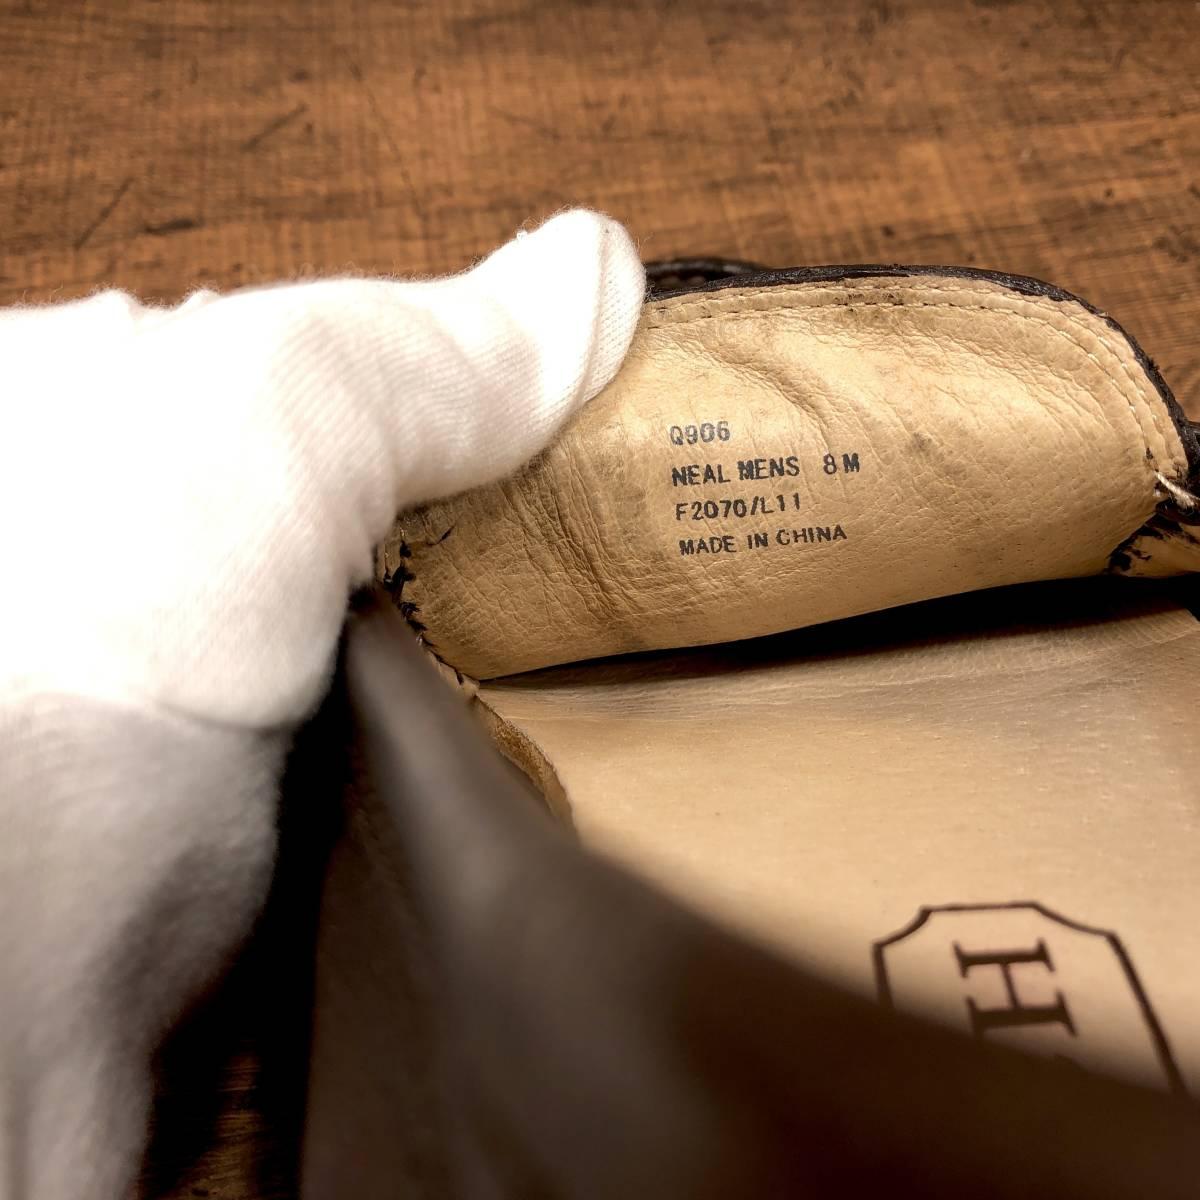 ■COACH■ 26cm 茶 ブラウン コーチ ドライビングシューズ コインローファー メンズ 革靴 靴 本革 ビジネス ドレス くつ 即決_画像6